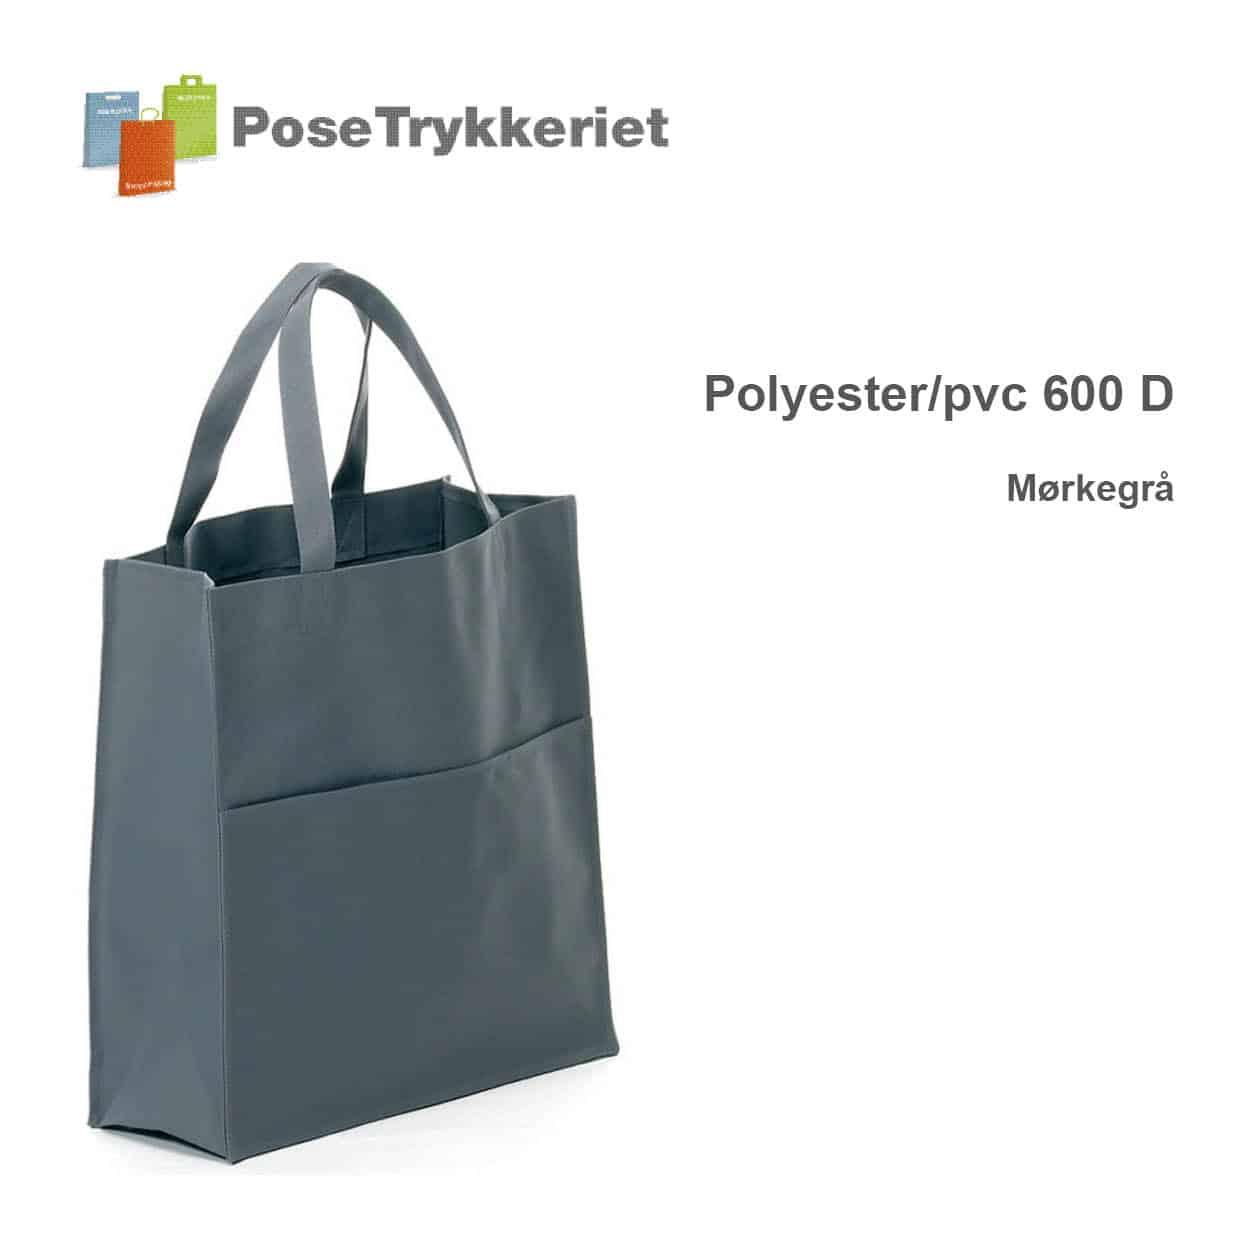 Revisor poser polyester 600 D. Mørkegrå. PoseTrykkeriet.dk